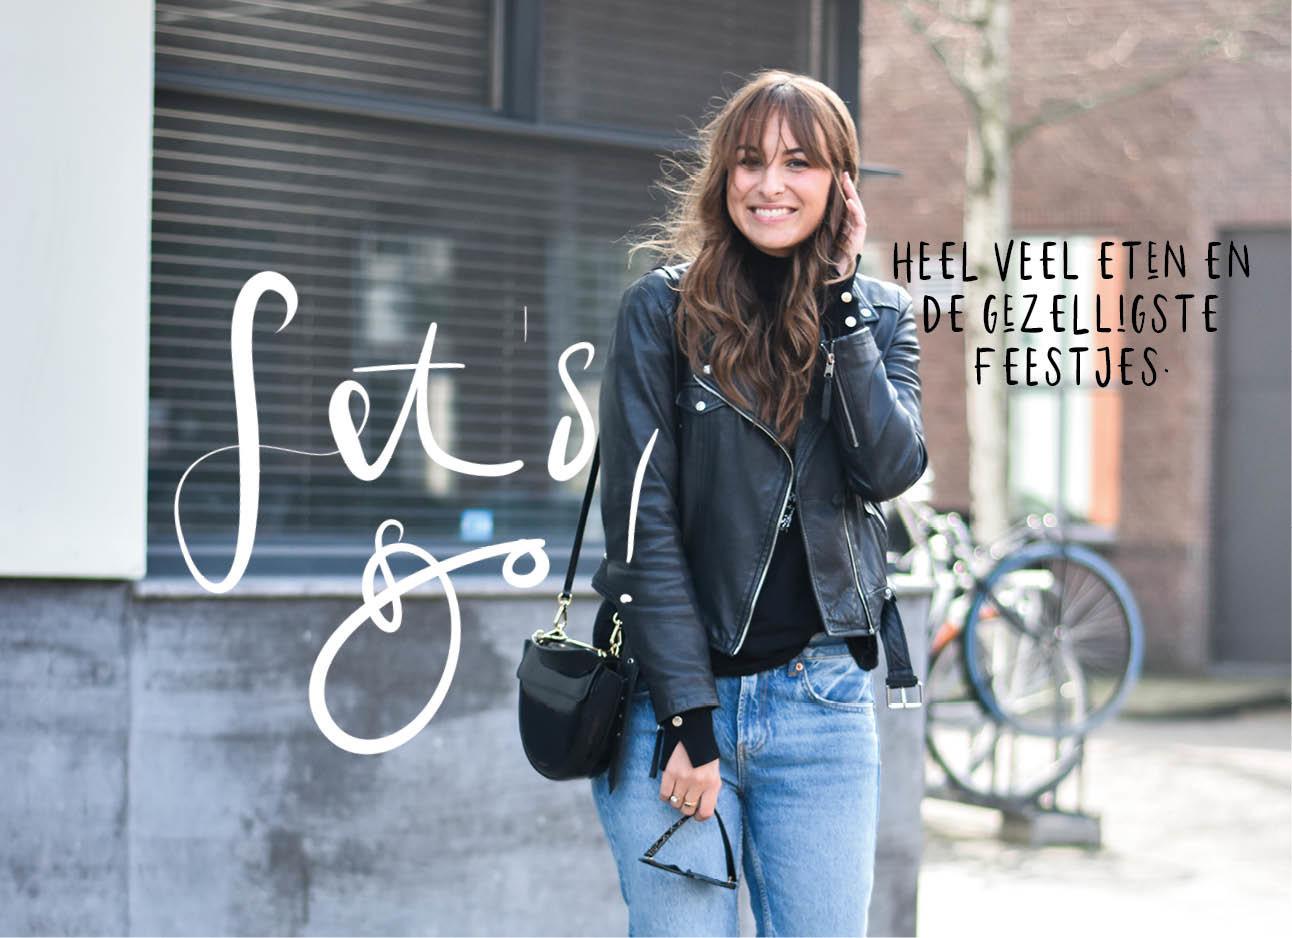 lilian brijl in een leren jasje en jeans, houd een zonnebril in haar hand en lacht